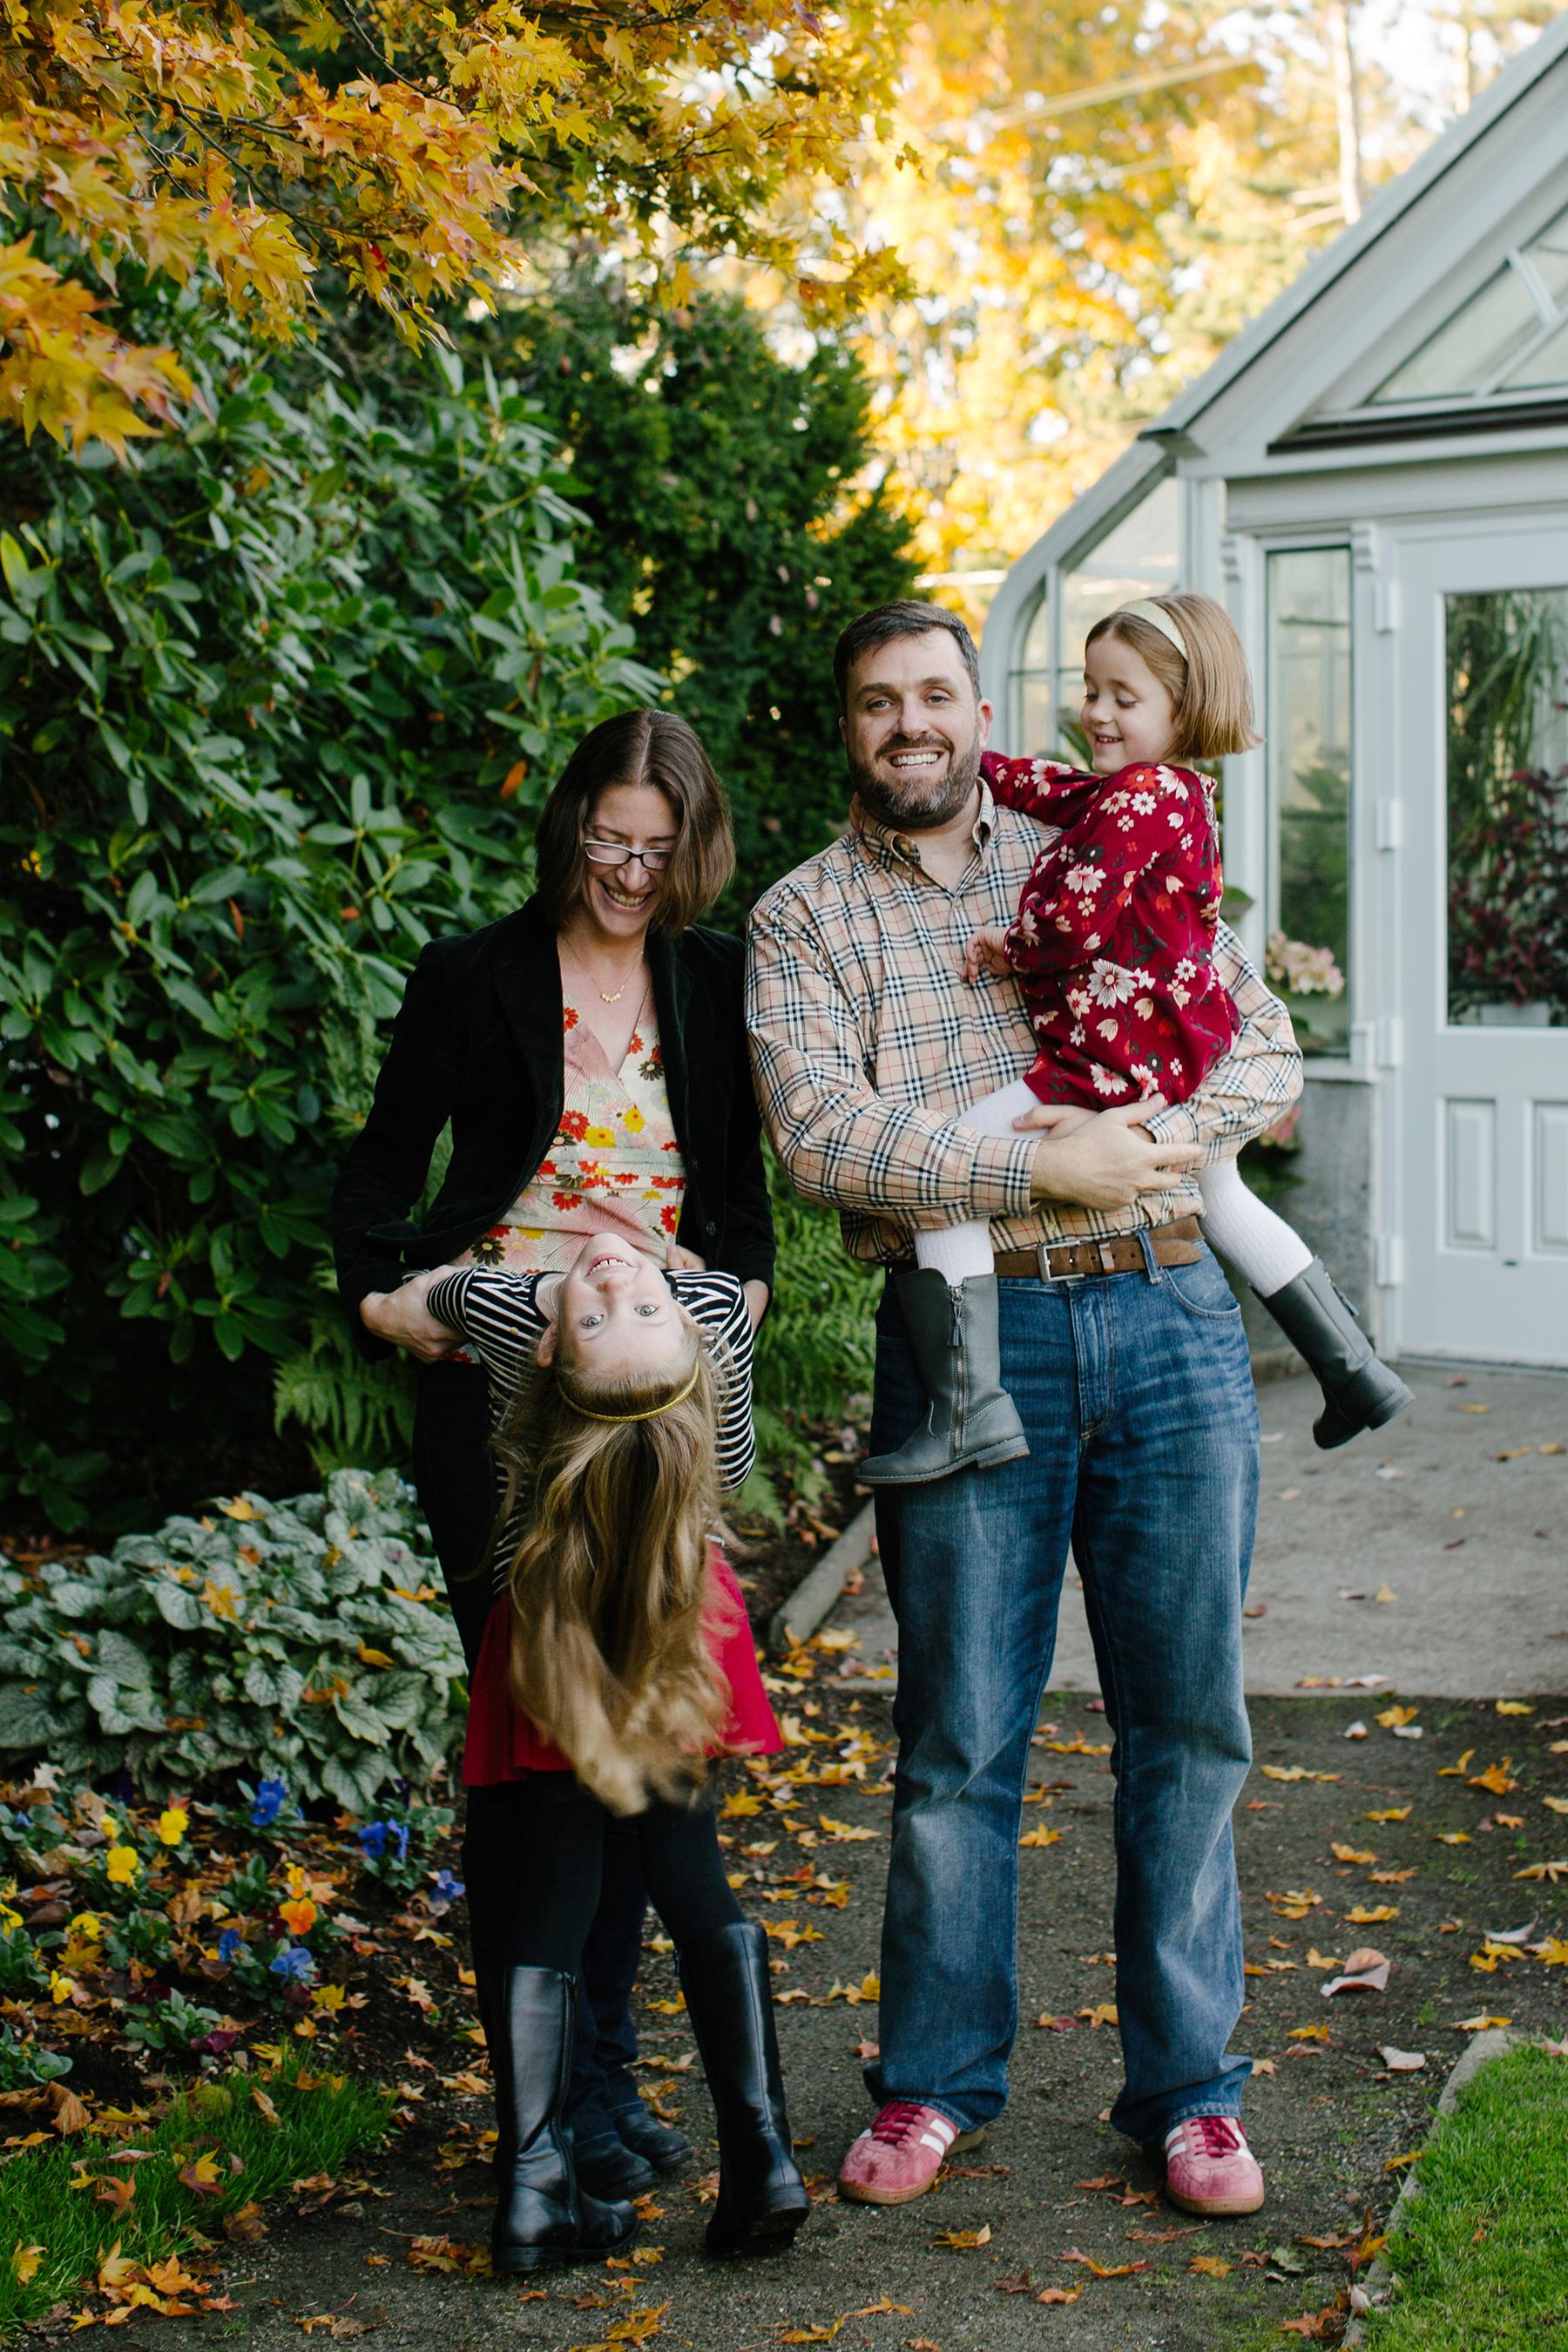 Mary Kalhor_Family Photography_FP_05.jpg